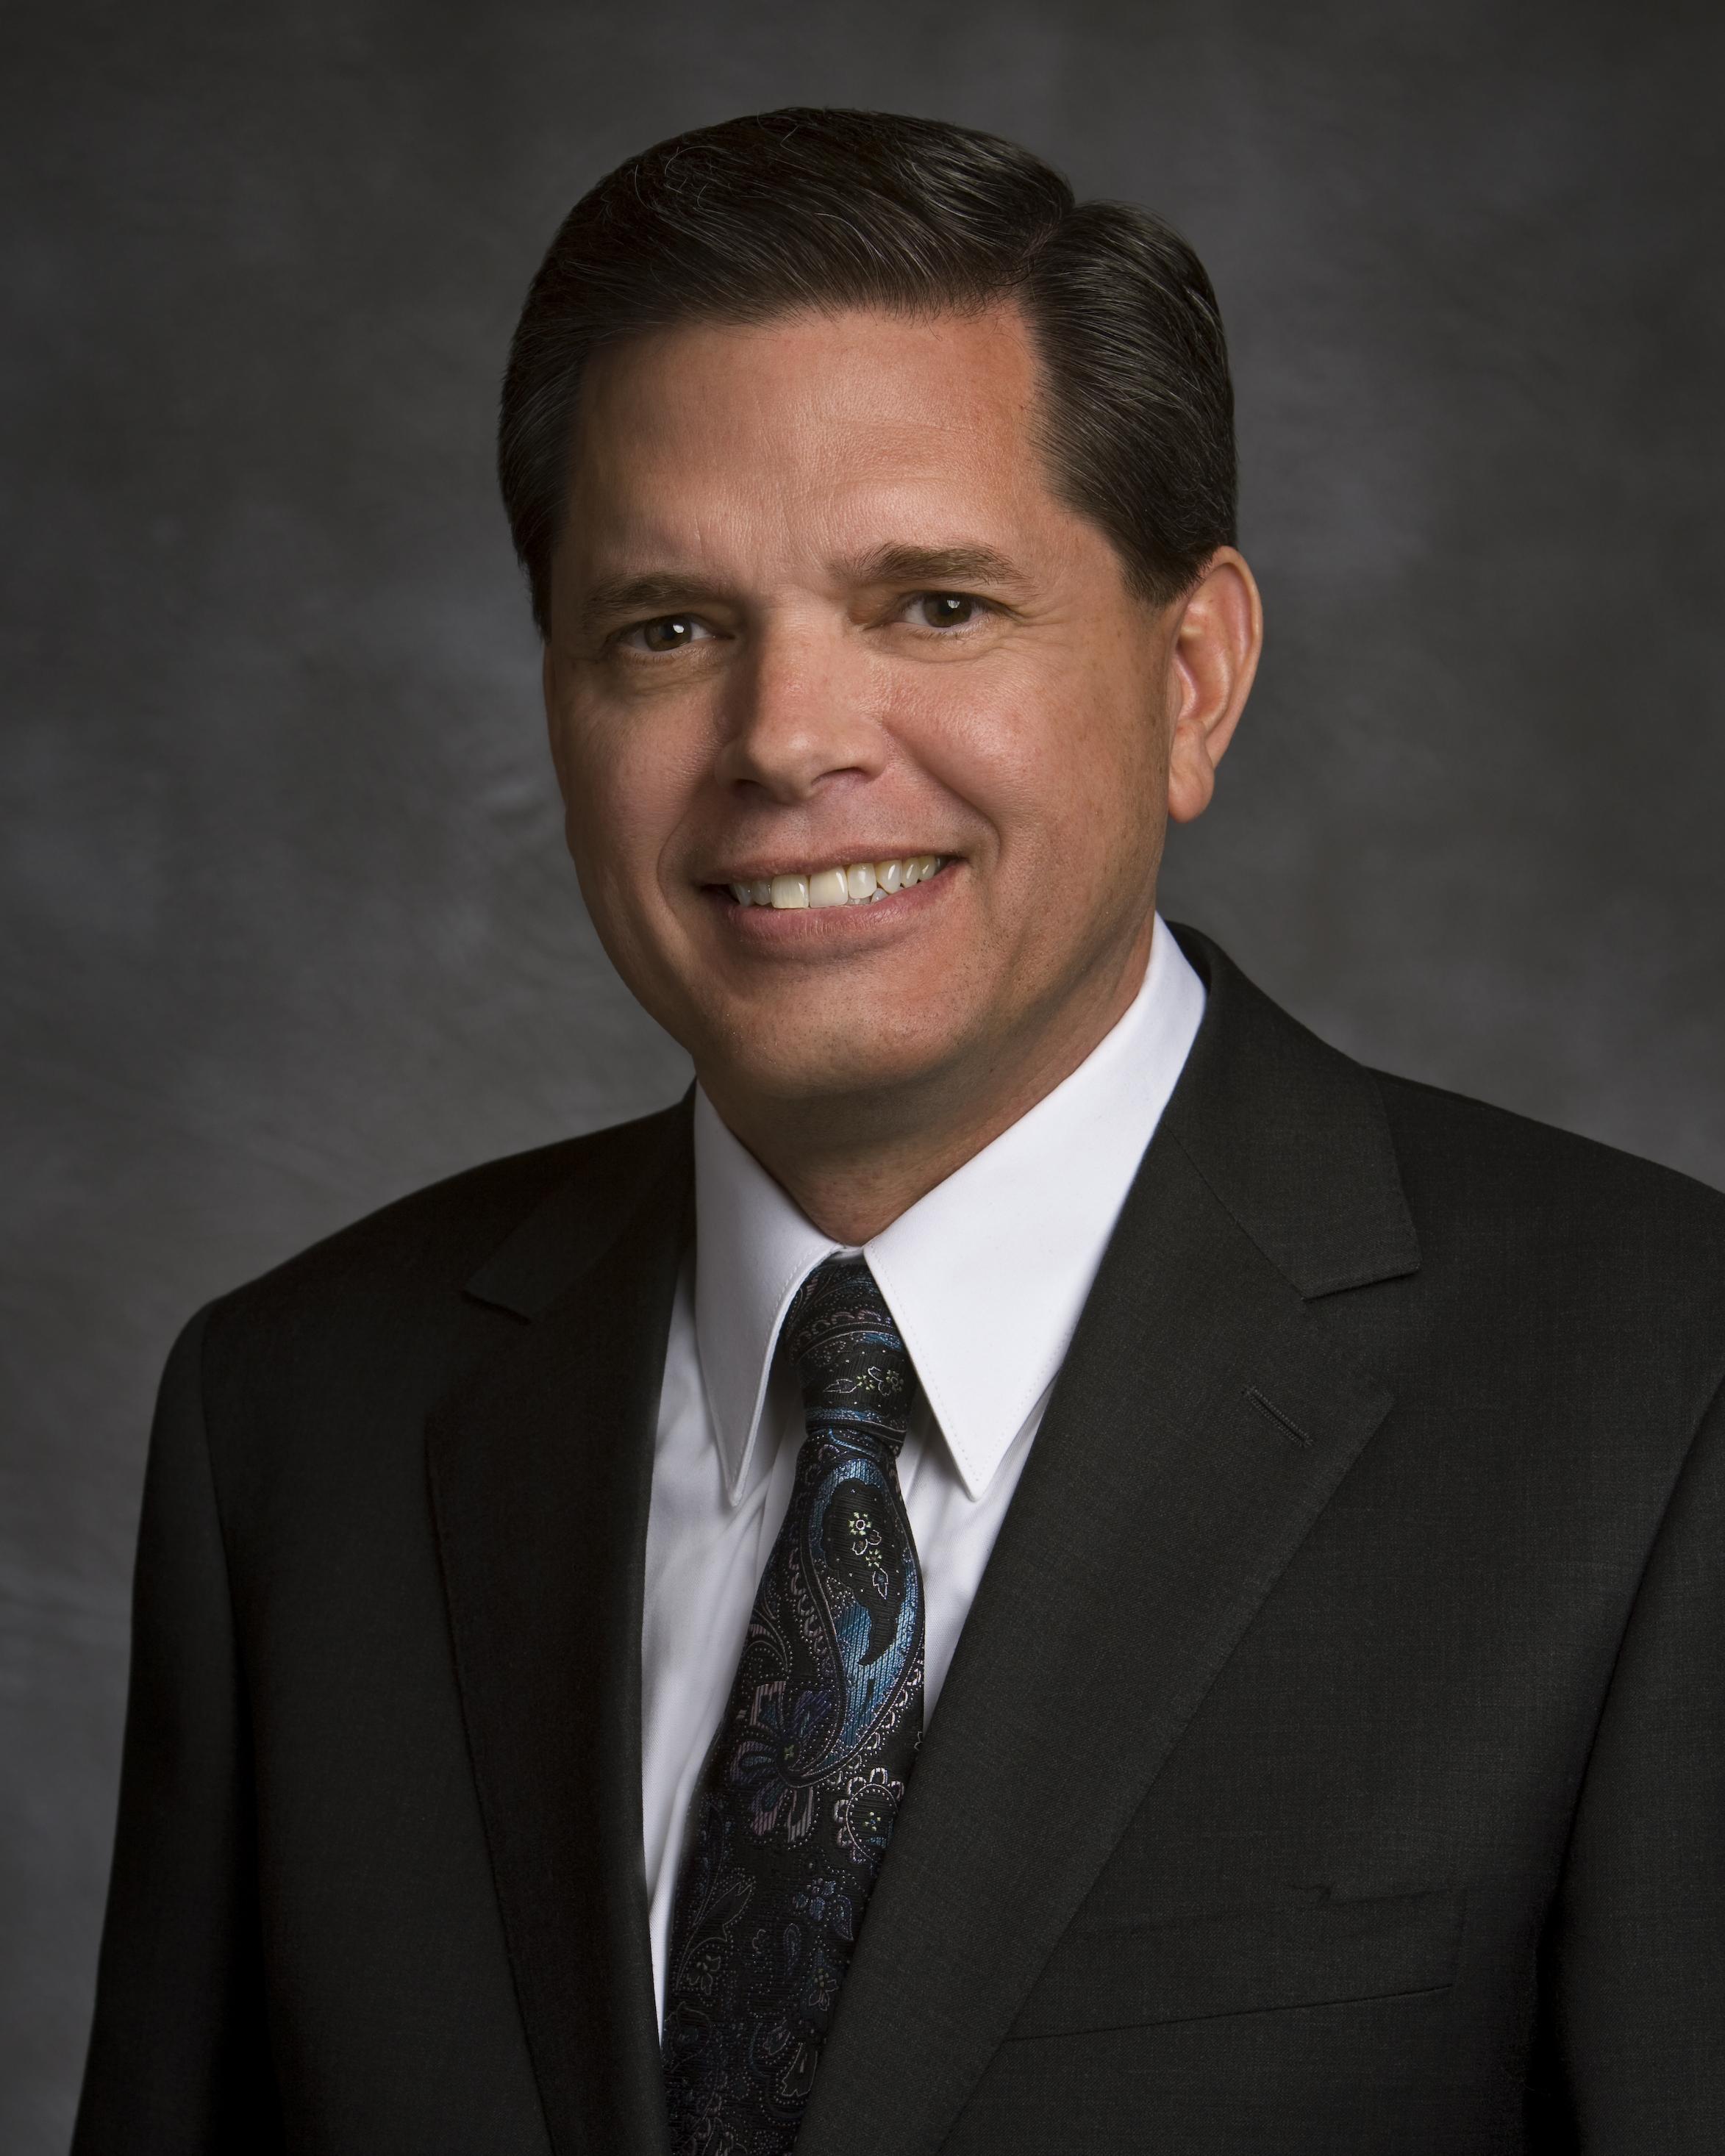 David L. Beck